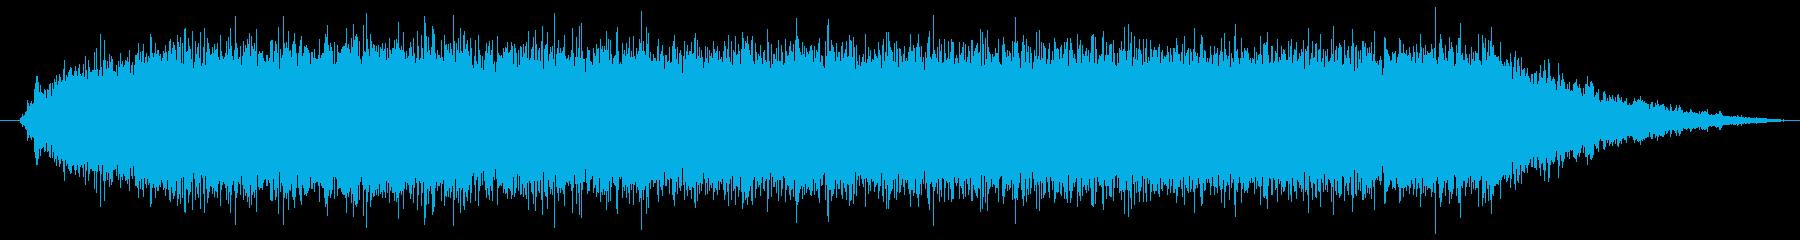 ハンドベルトサンダー:開始、実行、...の再生済みの波形